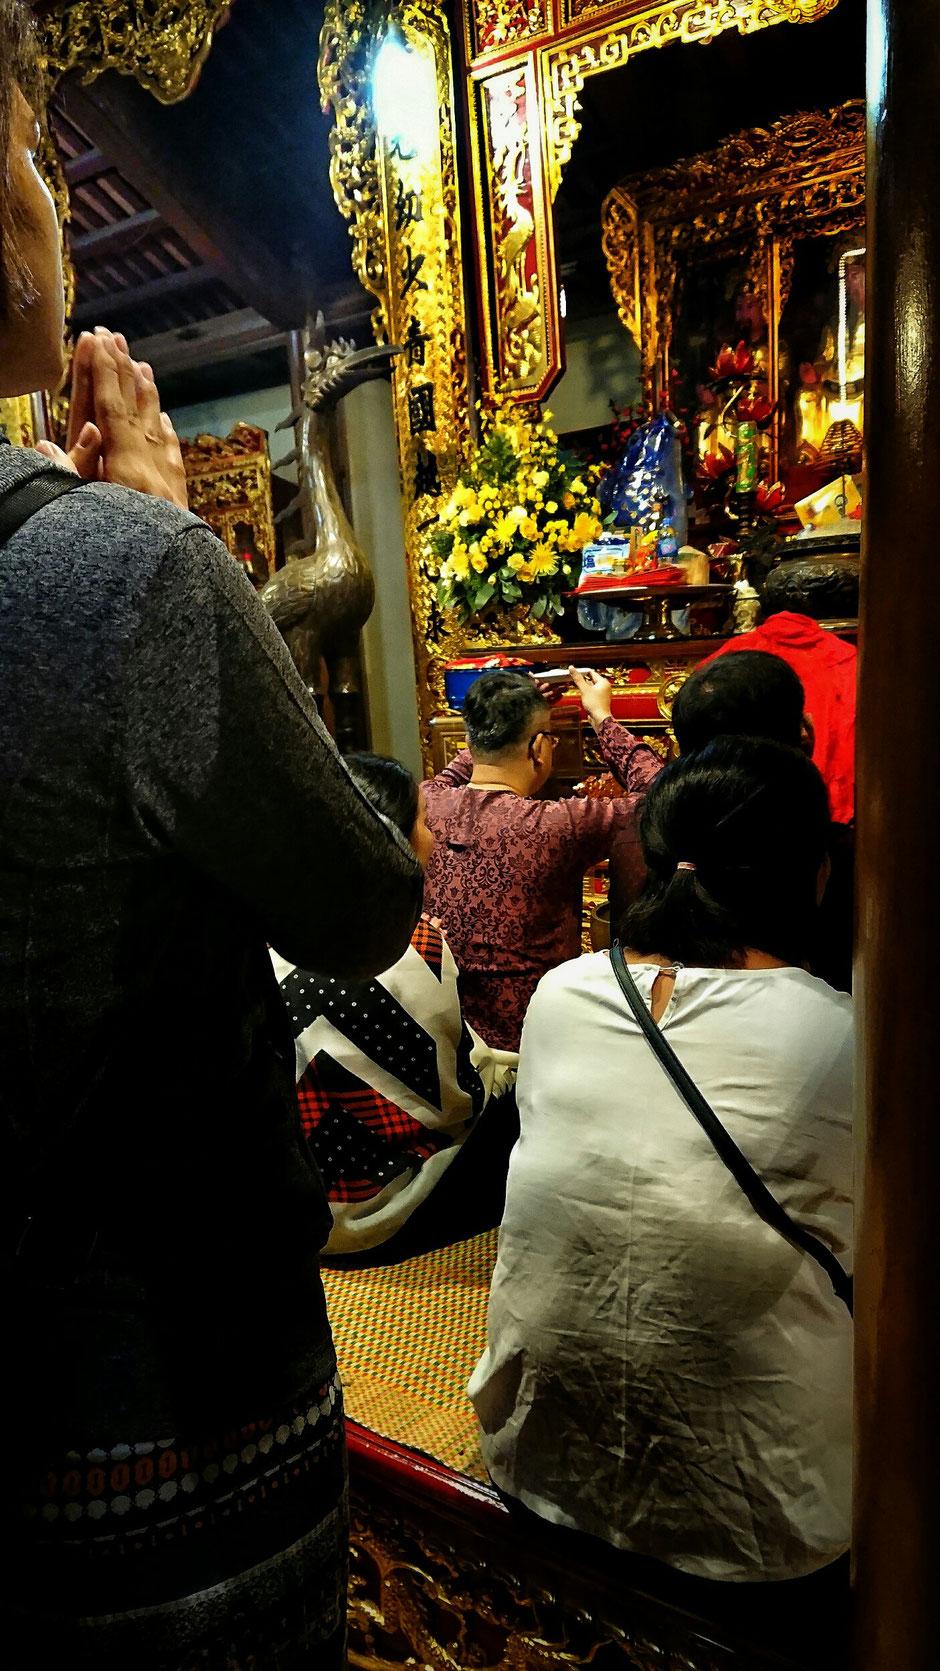 asiatische Menschen vor einem Altar sitzend und stehend – Hände zum Gebet gefaltet – ein Kranich